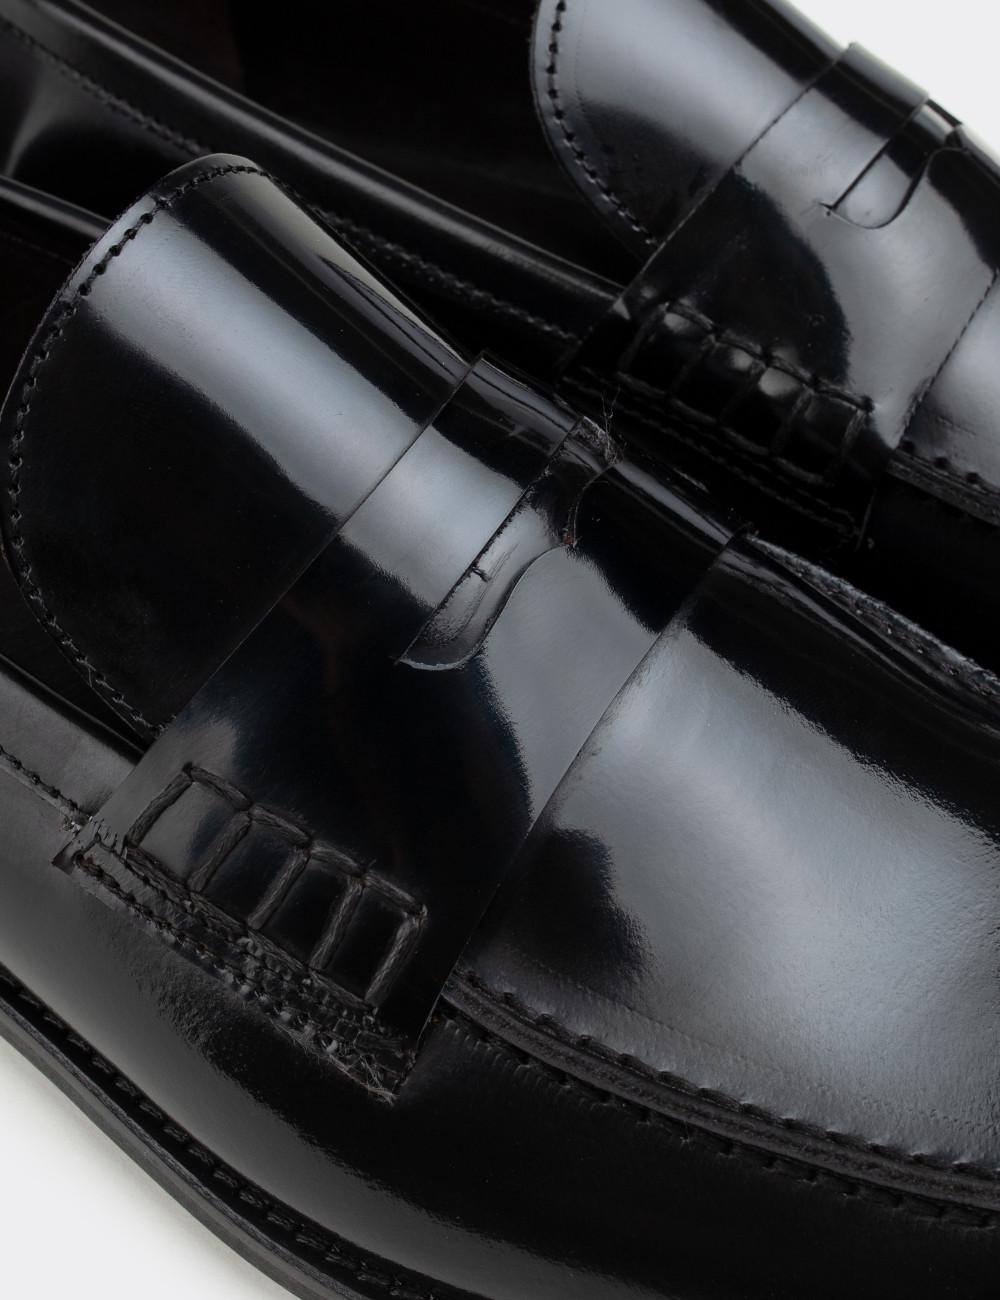 Hakiki Deri Siyah Mokasen Erkek Ayakkabı - 01538MSYHN01